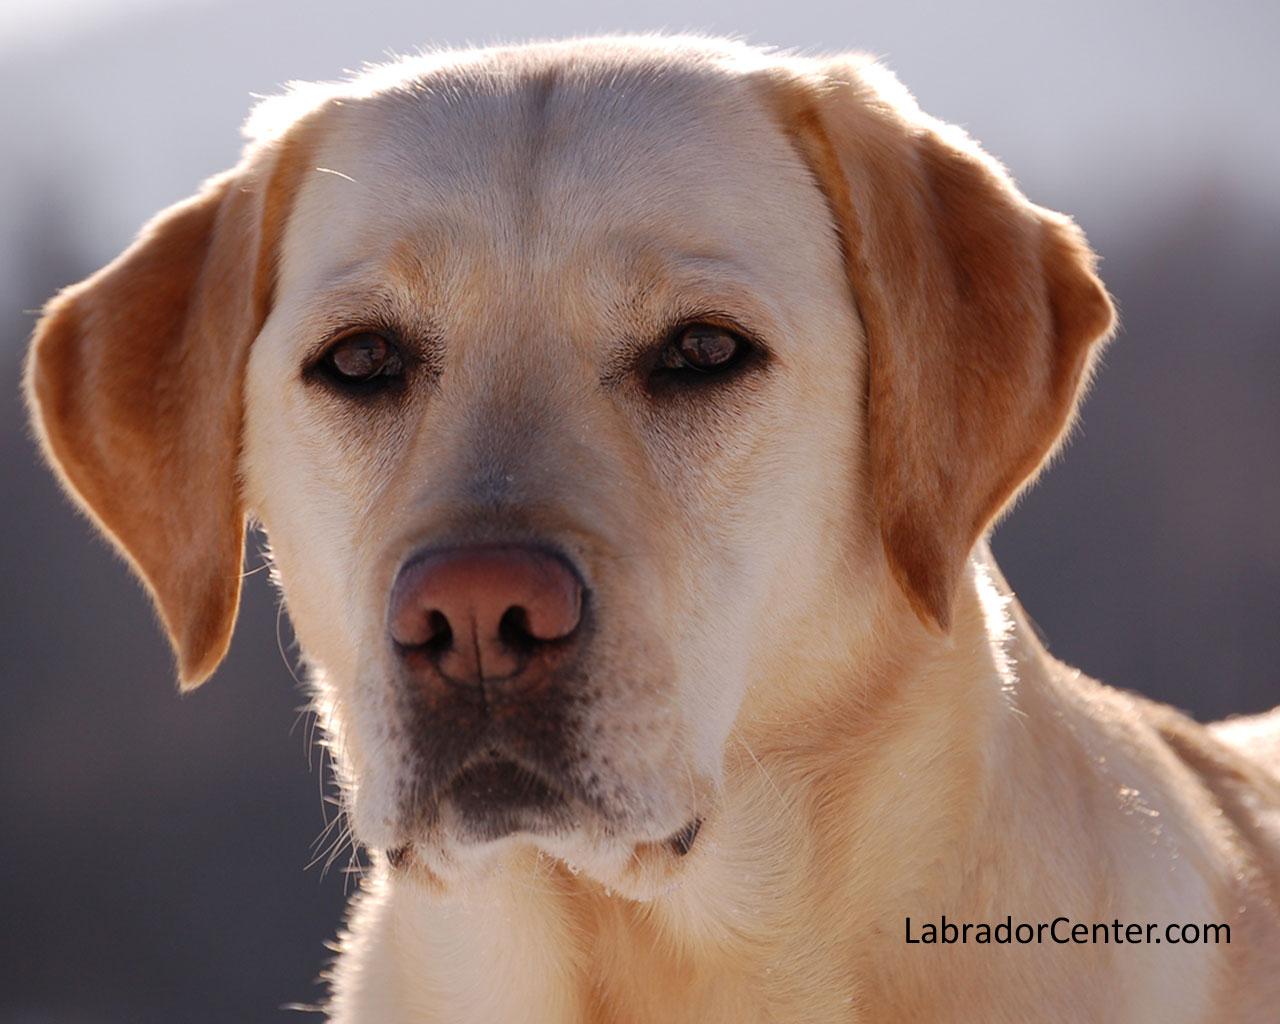 Labrador Center   Labrador Retriever Desktop and Background Images 1280x1024